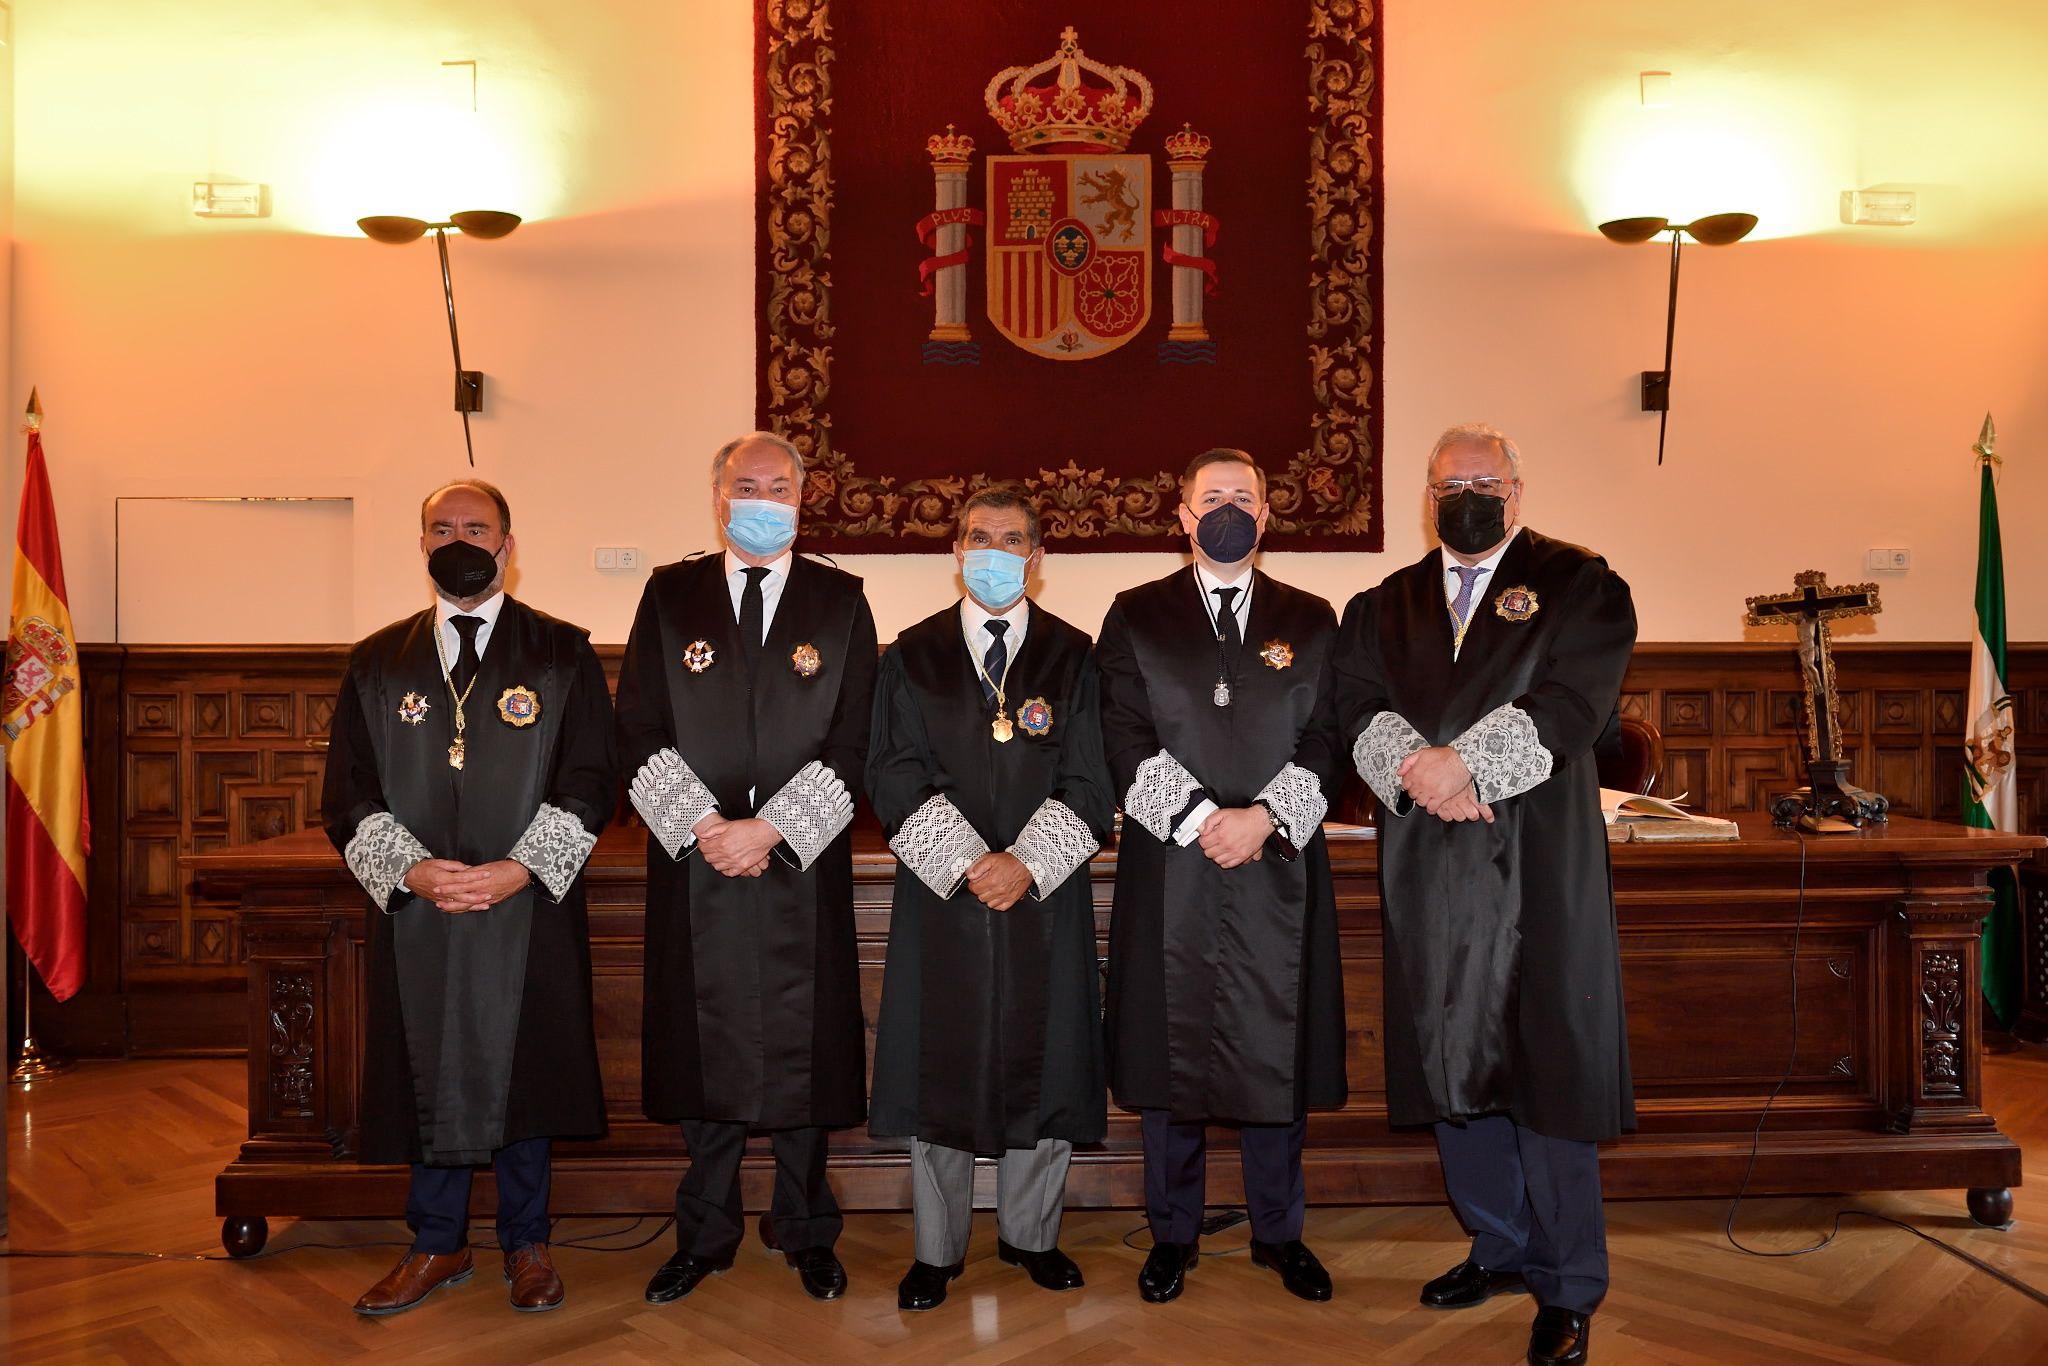 Fotografia Toma Posesión Consejo Andaluz Procuradores